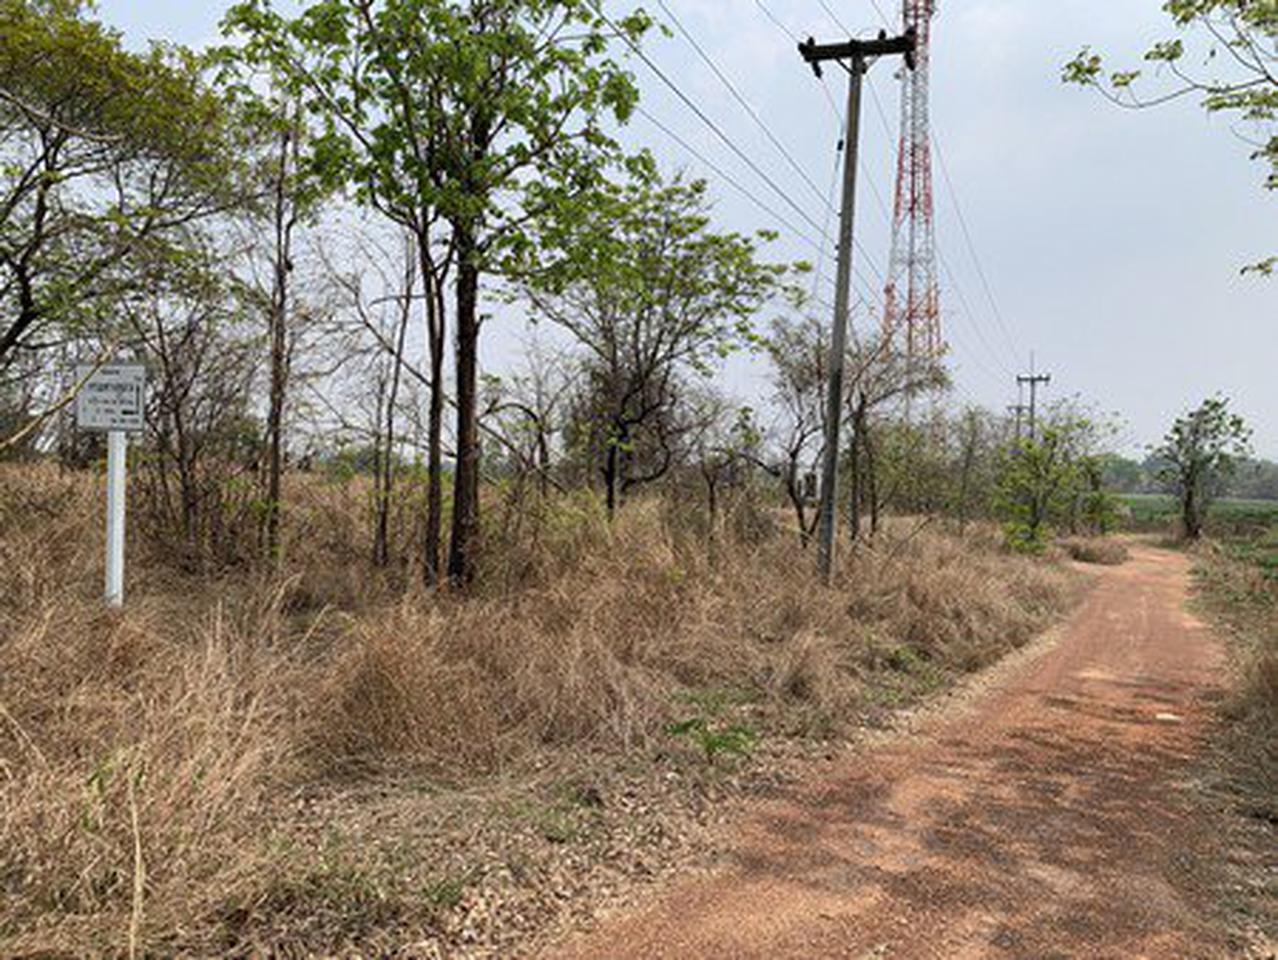 ขายที่ดินเปล่า จังหวัดอุดรธานี อยู่บนถนนมิตรภาพ เนื้อที่ 52 ไร่ 40 ตารางวา รูปที่ 1